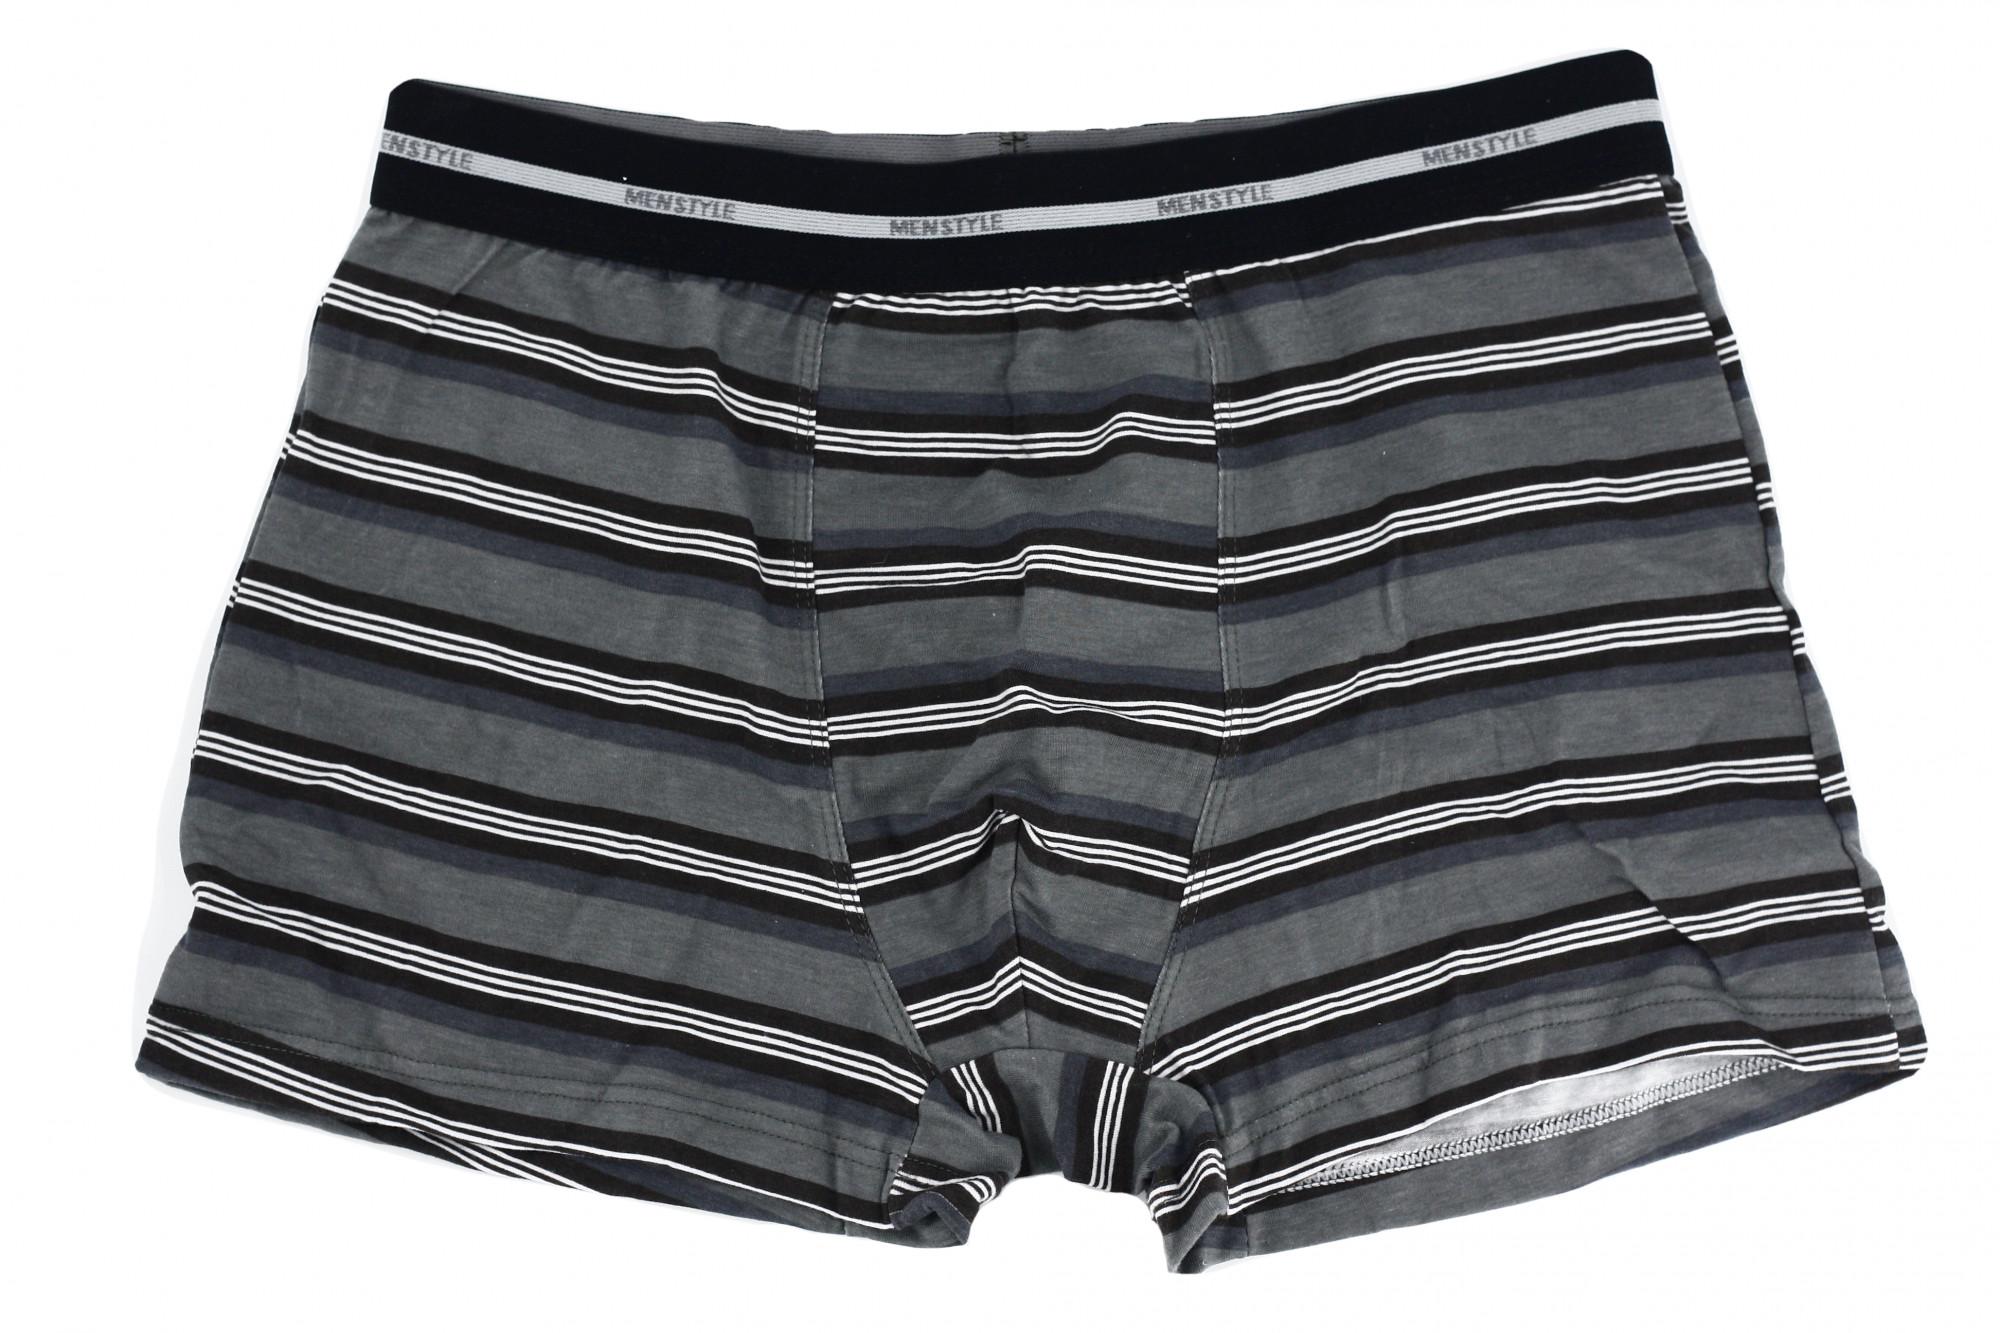 Pánské boxerky 1BE-483 - Redo Barva: šedá s proužkem, Velikost: XL